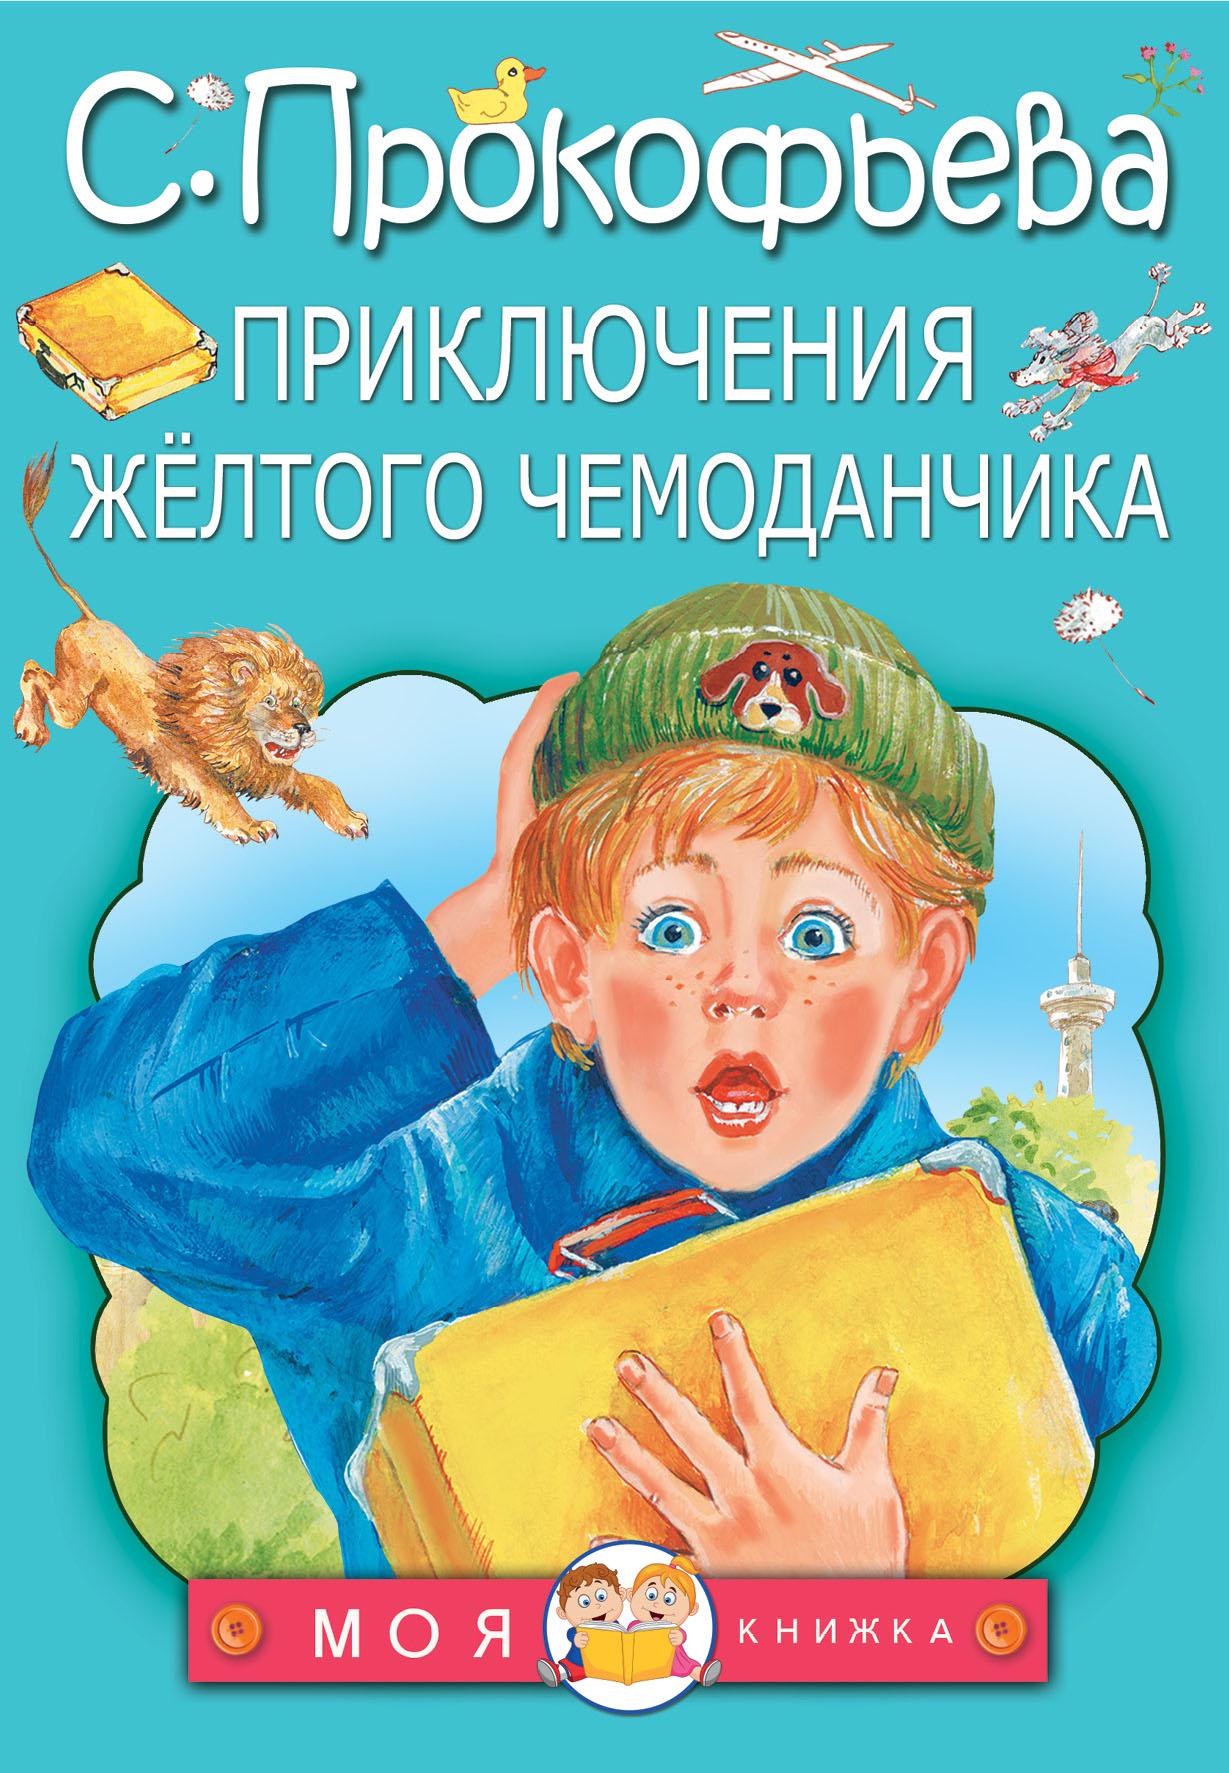 Прокофьева С.Л. Приключения жёлтого чемоданчика микстура с цитралью в омске